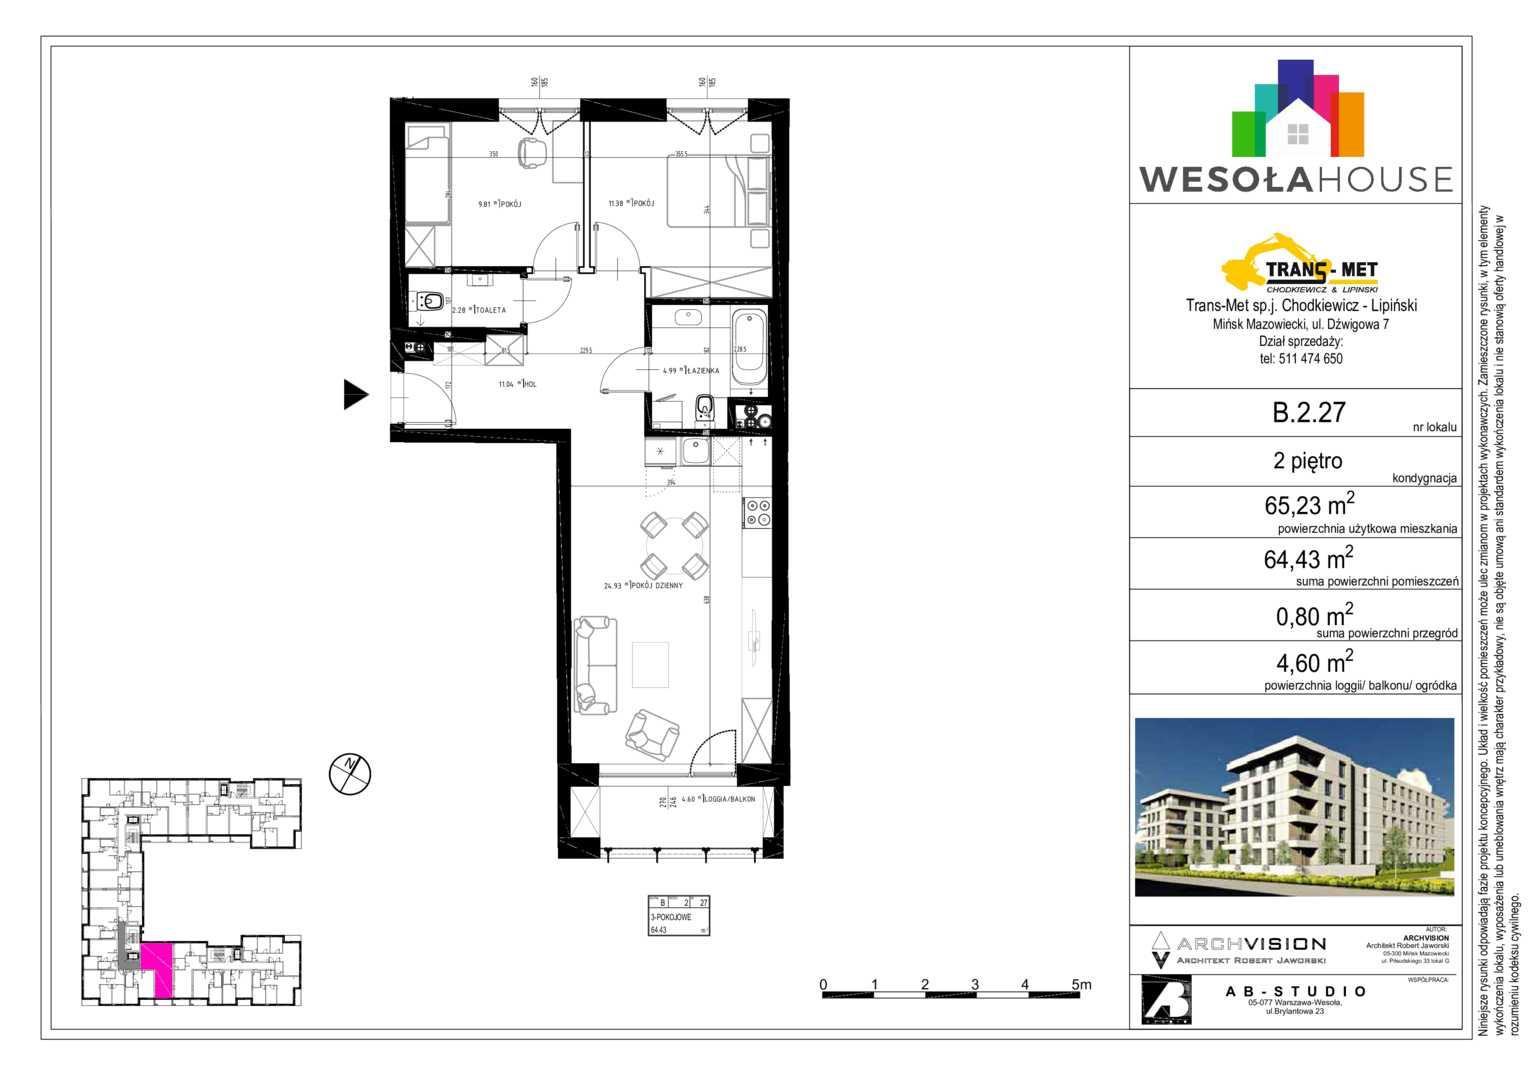 Mieszkanie w inwestycji: Wesoła House